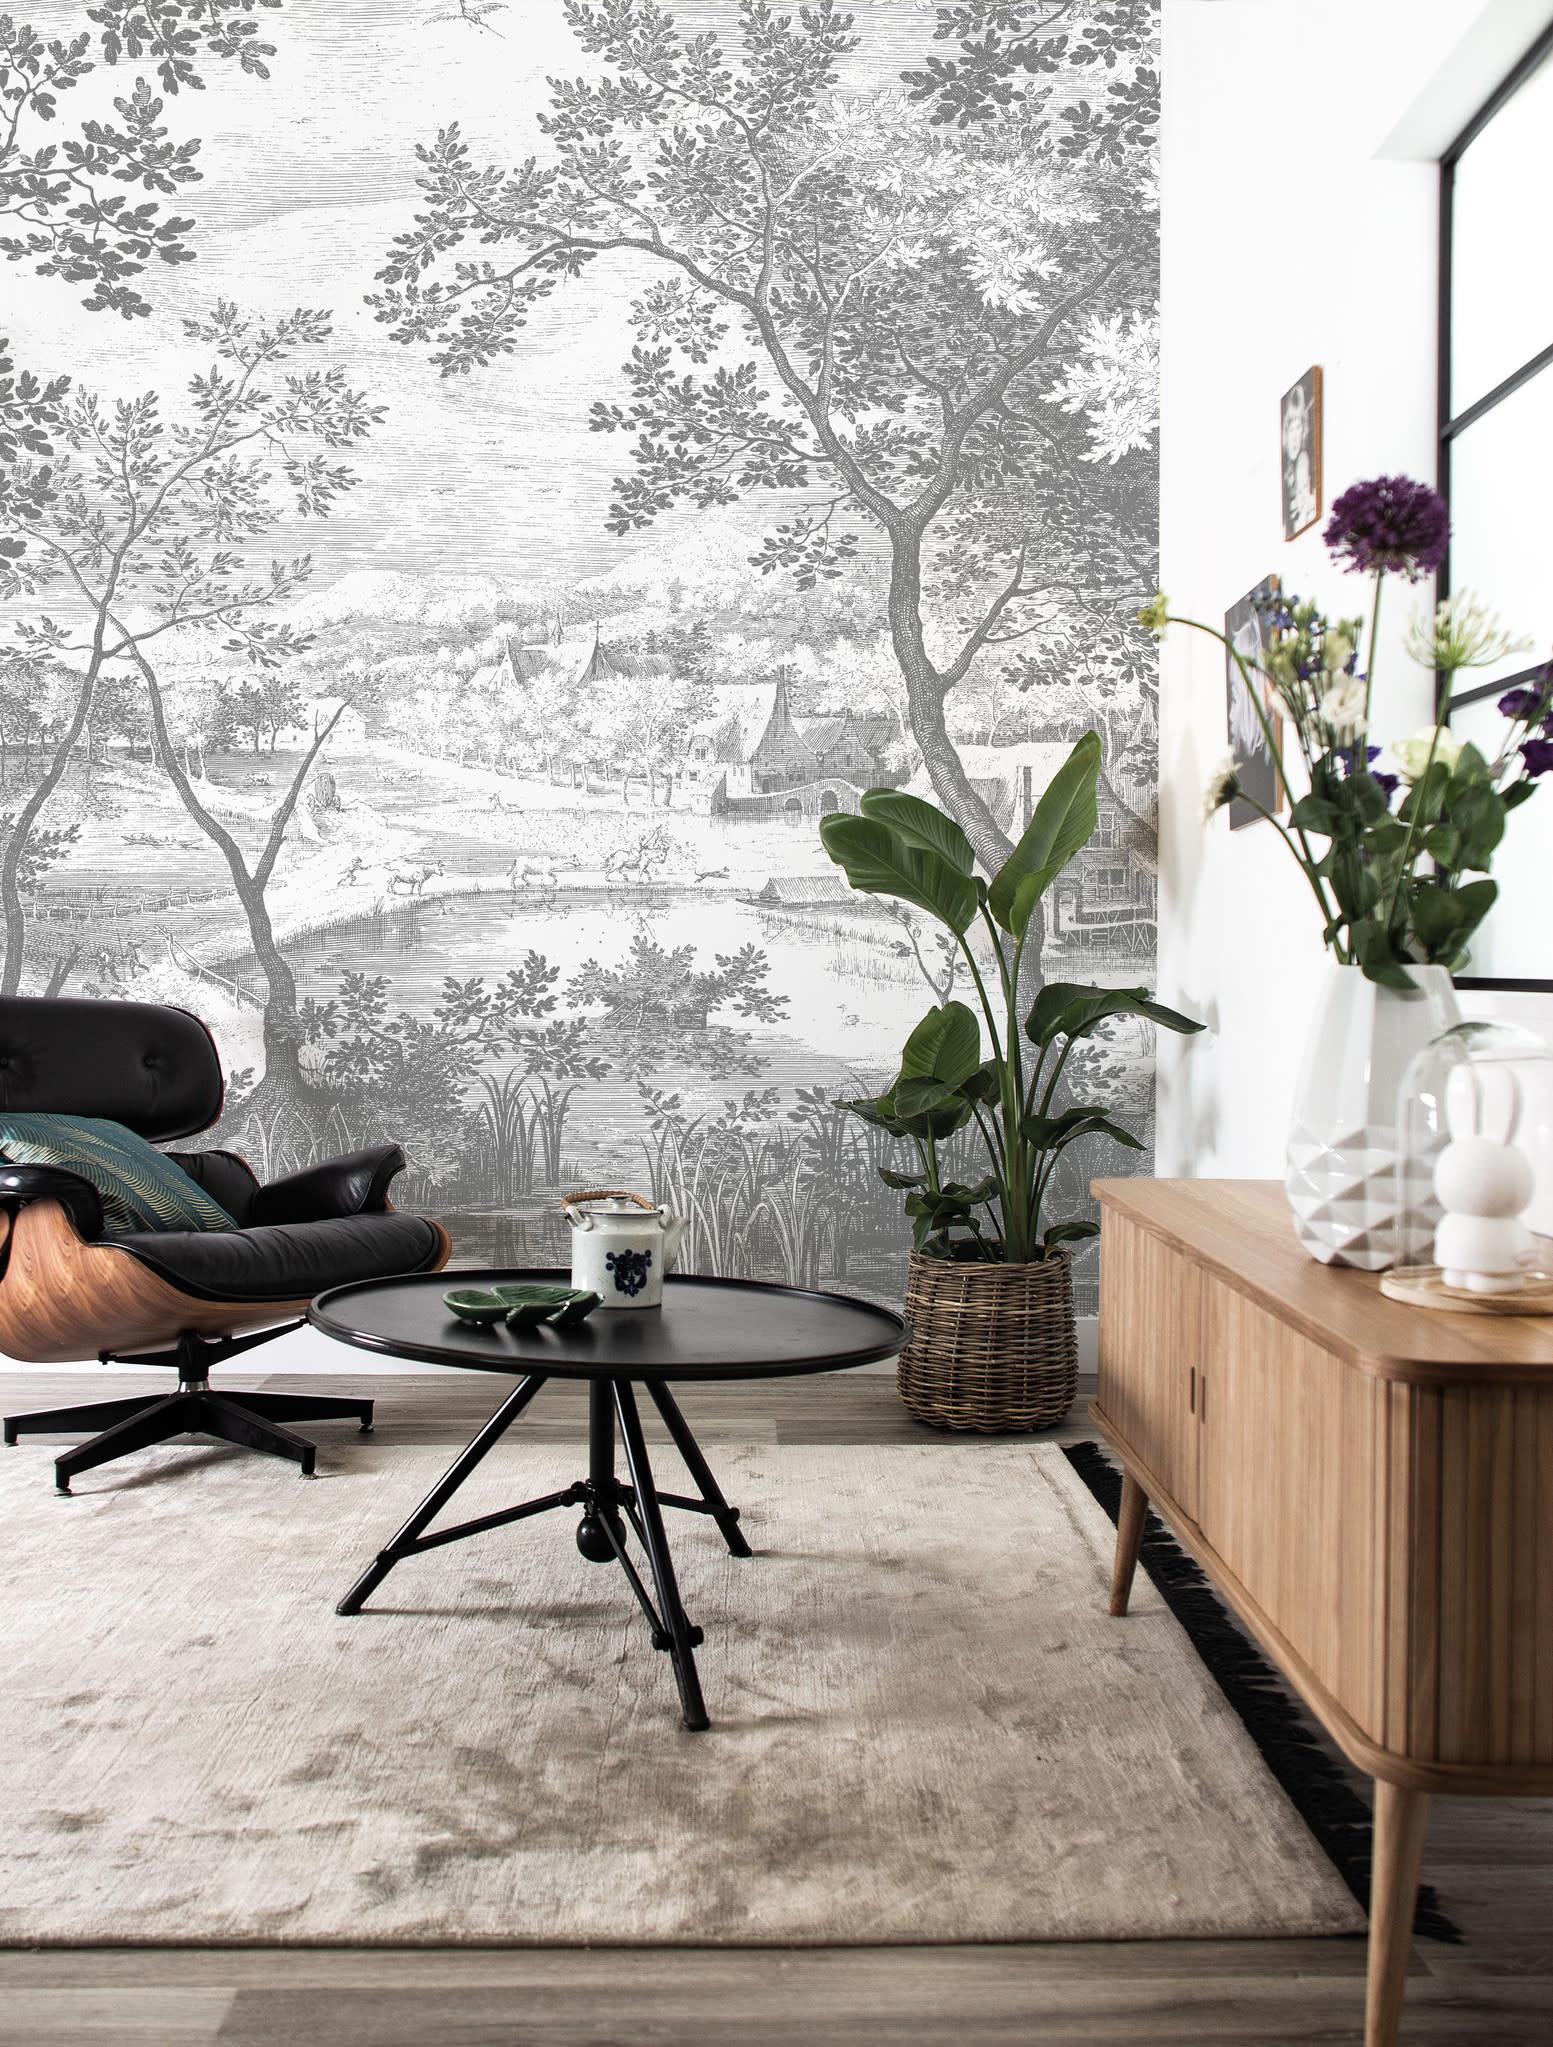 Fotobehang Engraved Landscapes 292.2x280cm-2